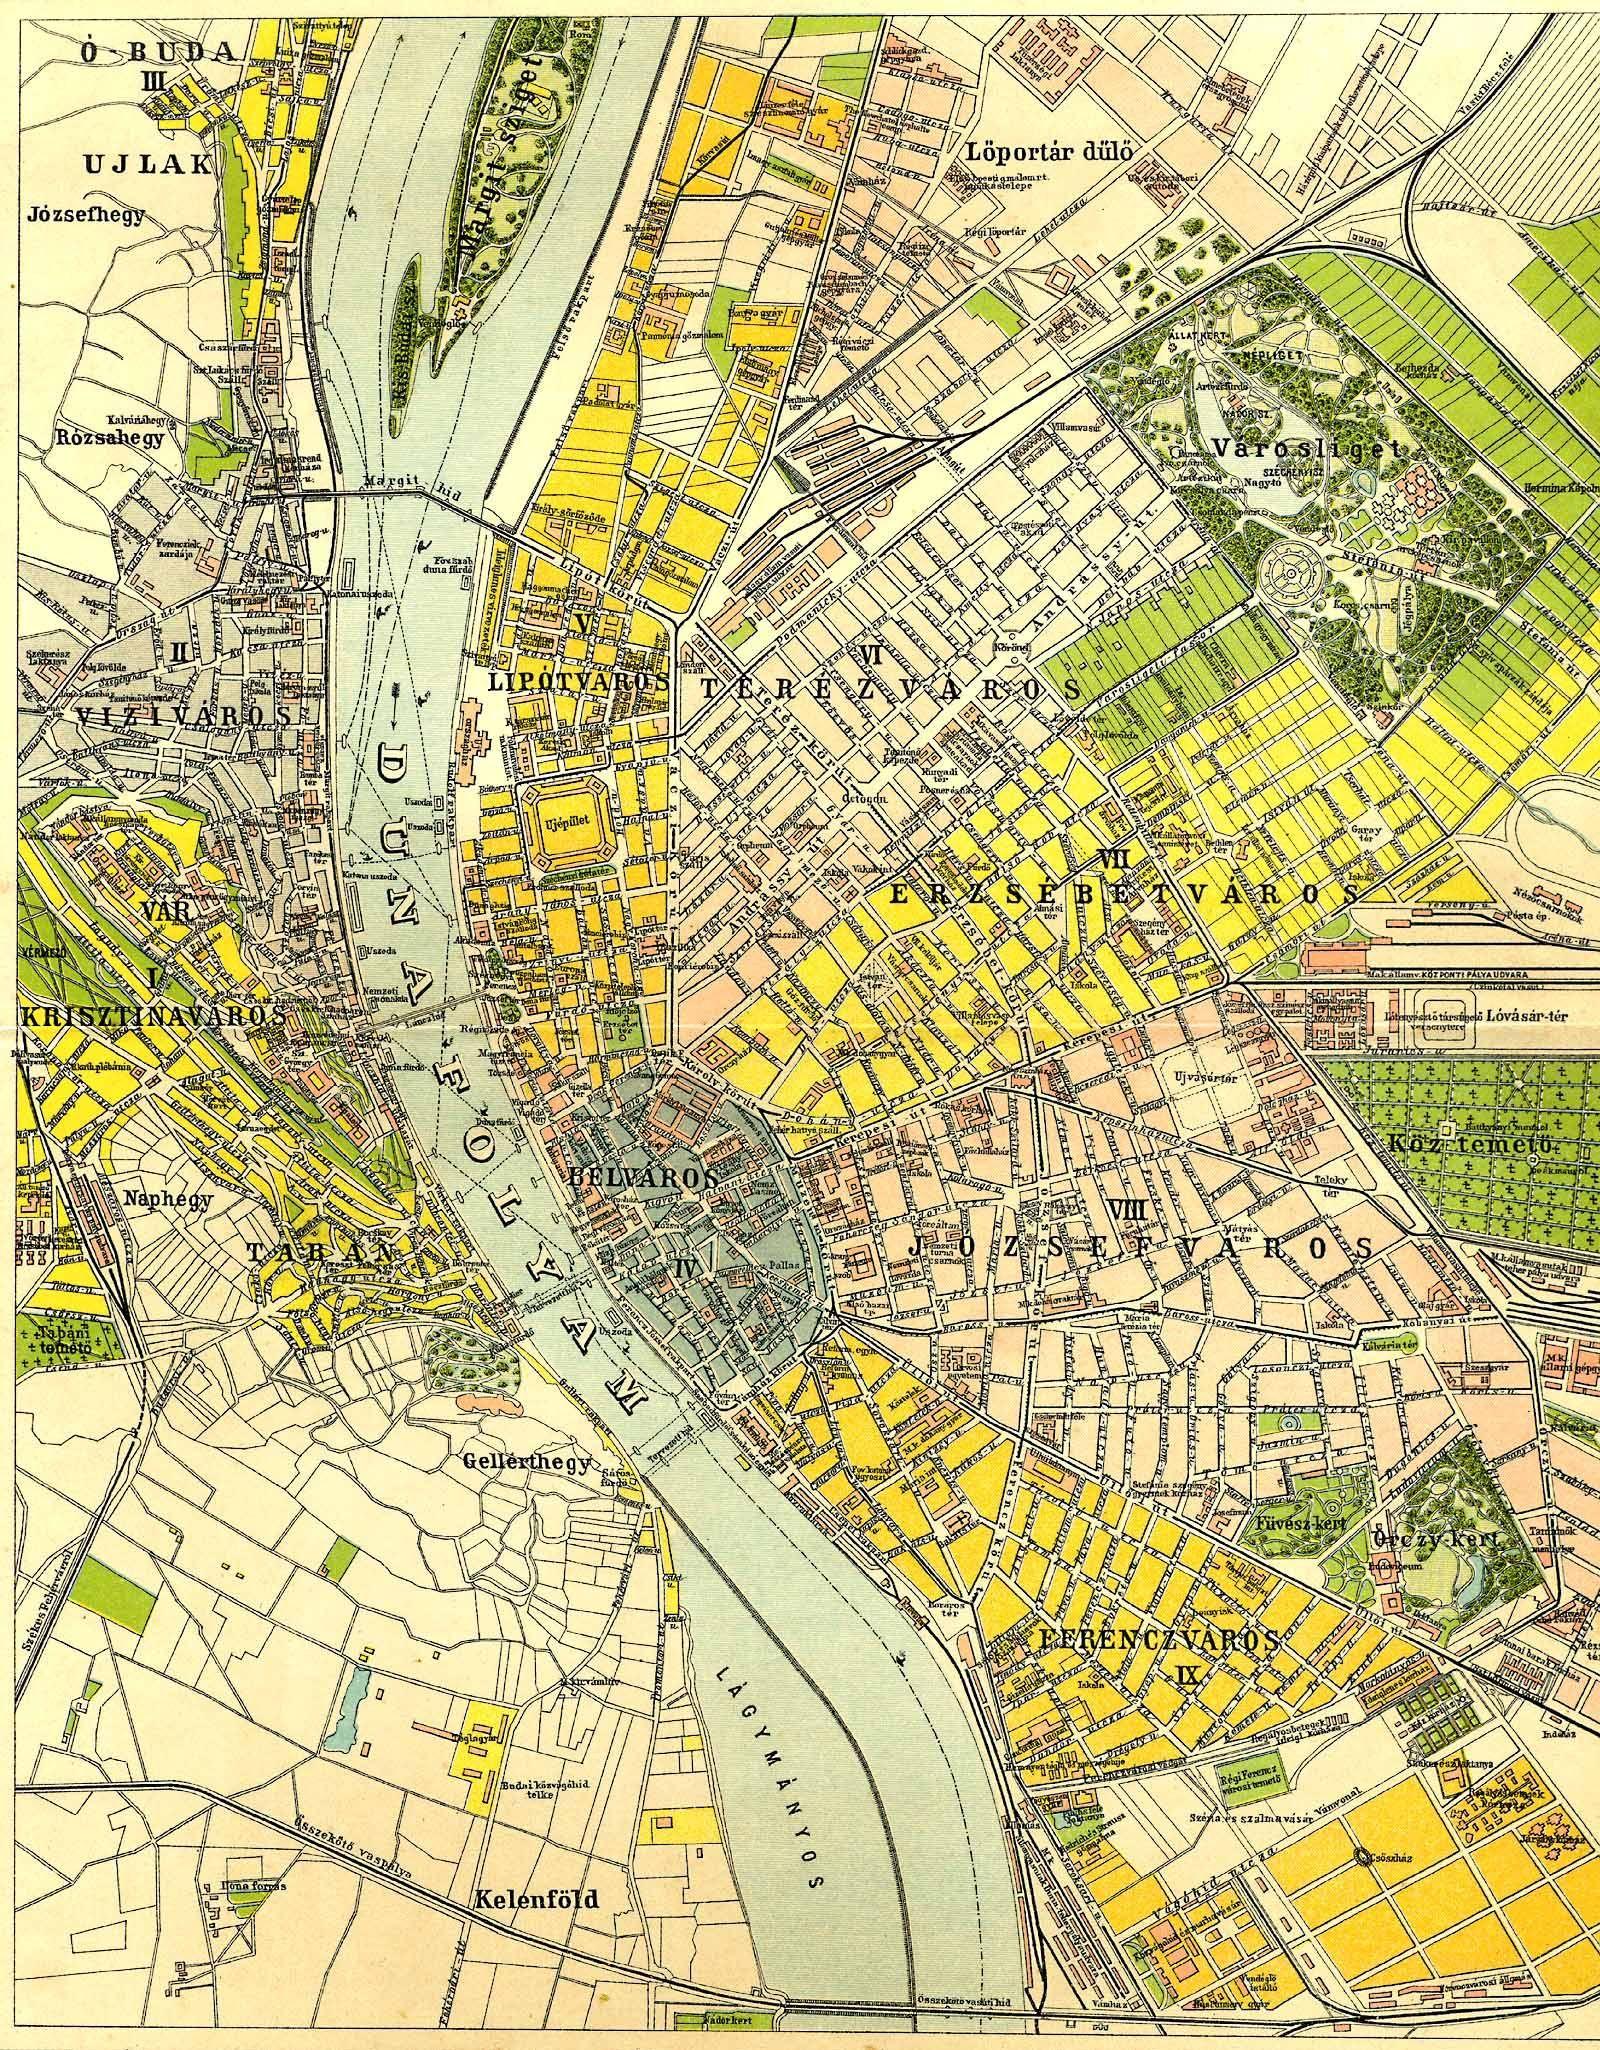 www budapest térkép hu http://.mek.oszk.hu//00000/00060/html/kepek/budapest terkep_dka  www budapest térkép hu